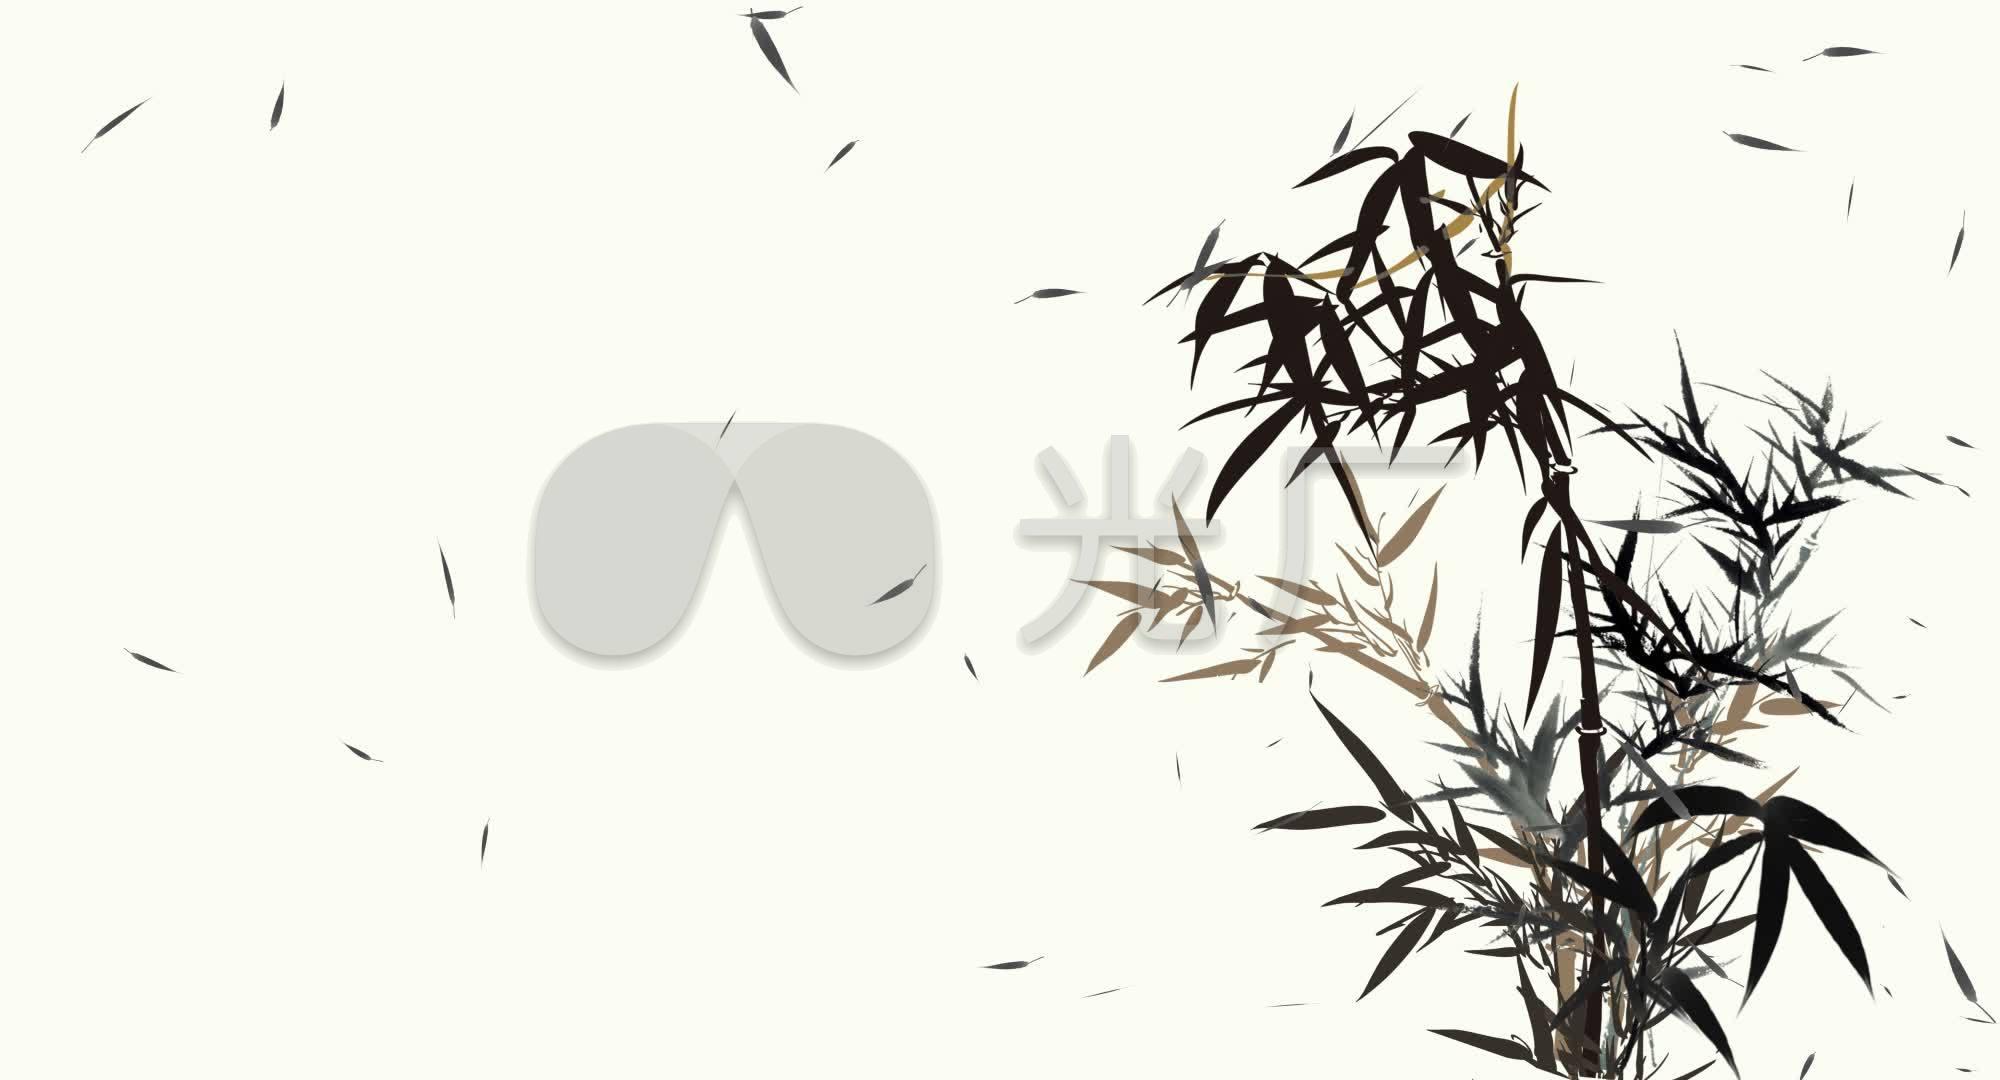 竹子中国风素材视频摇曳视频飘动画通道水墨_积叉竹叶法图片